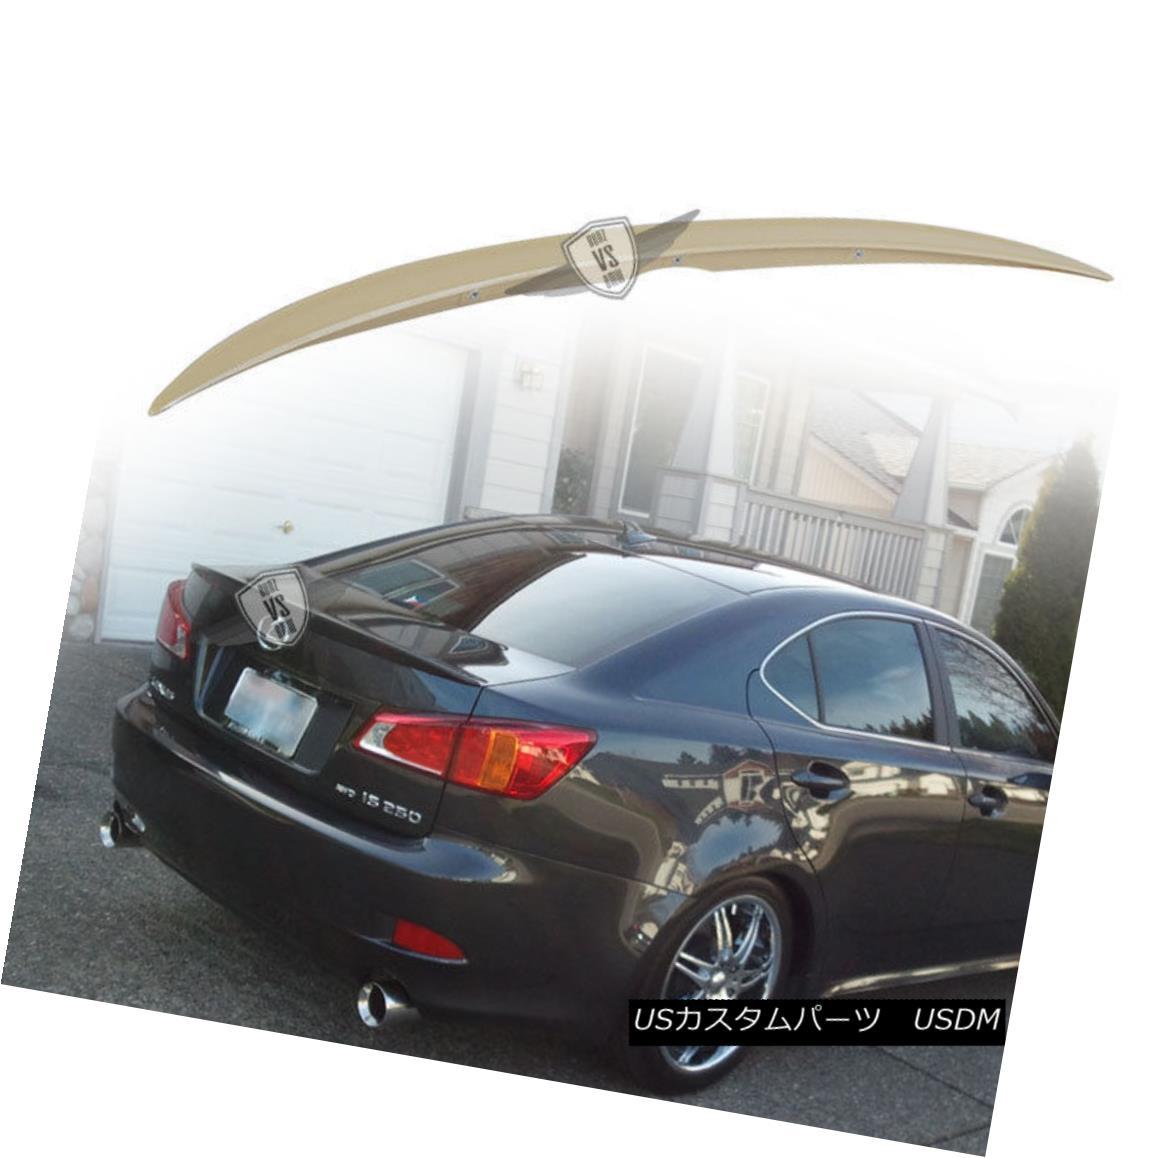 エアロパーツ Fit For 06-13 Lexus IS250 IS350 OE Style Trunk Spoiler ABS 06-13 Lexus IS250 IS350 OEスタイルトランクスポイラーABSに適合